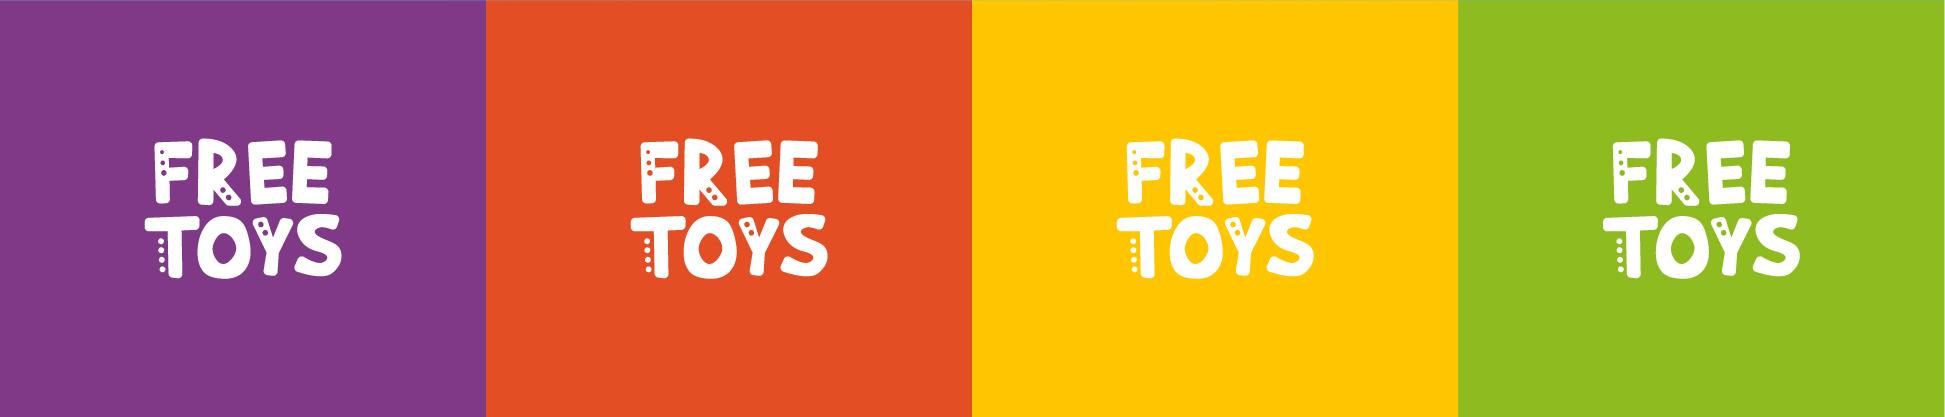 Free Toys 6